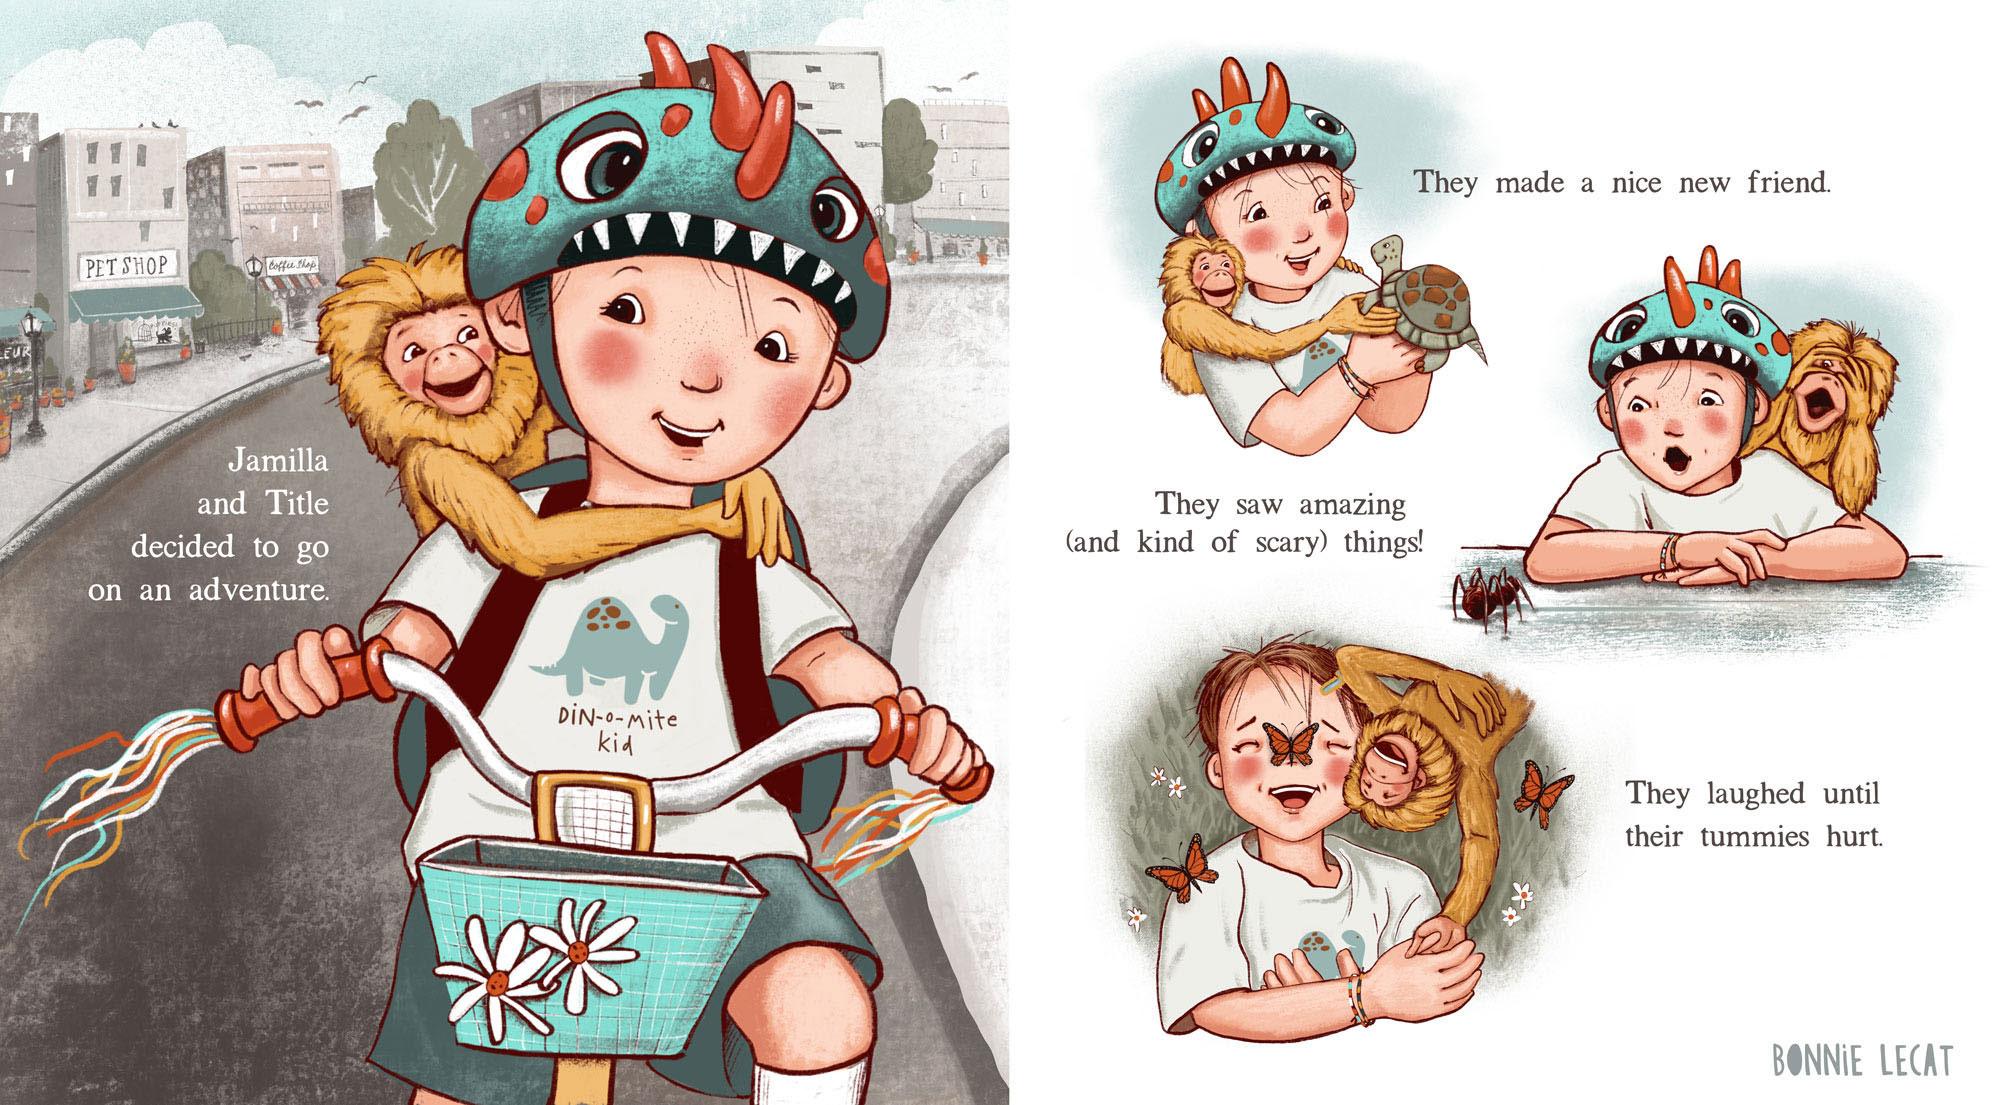 Children's Book illustration by Bonnie Lecat